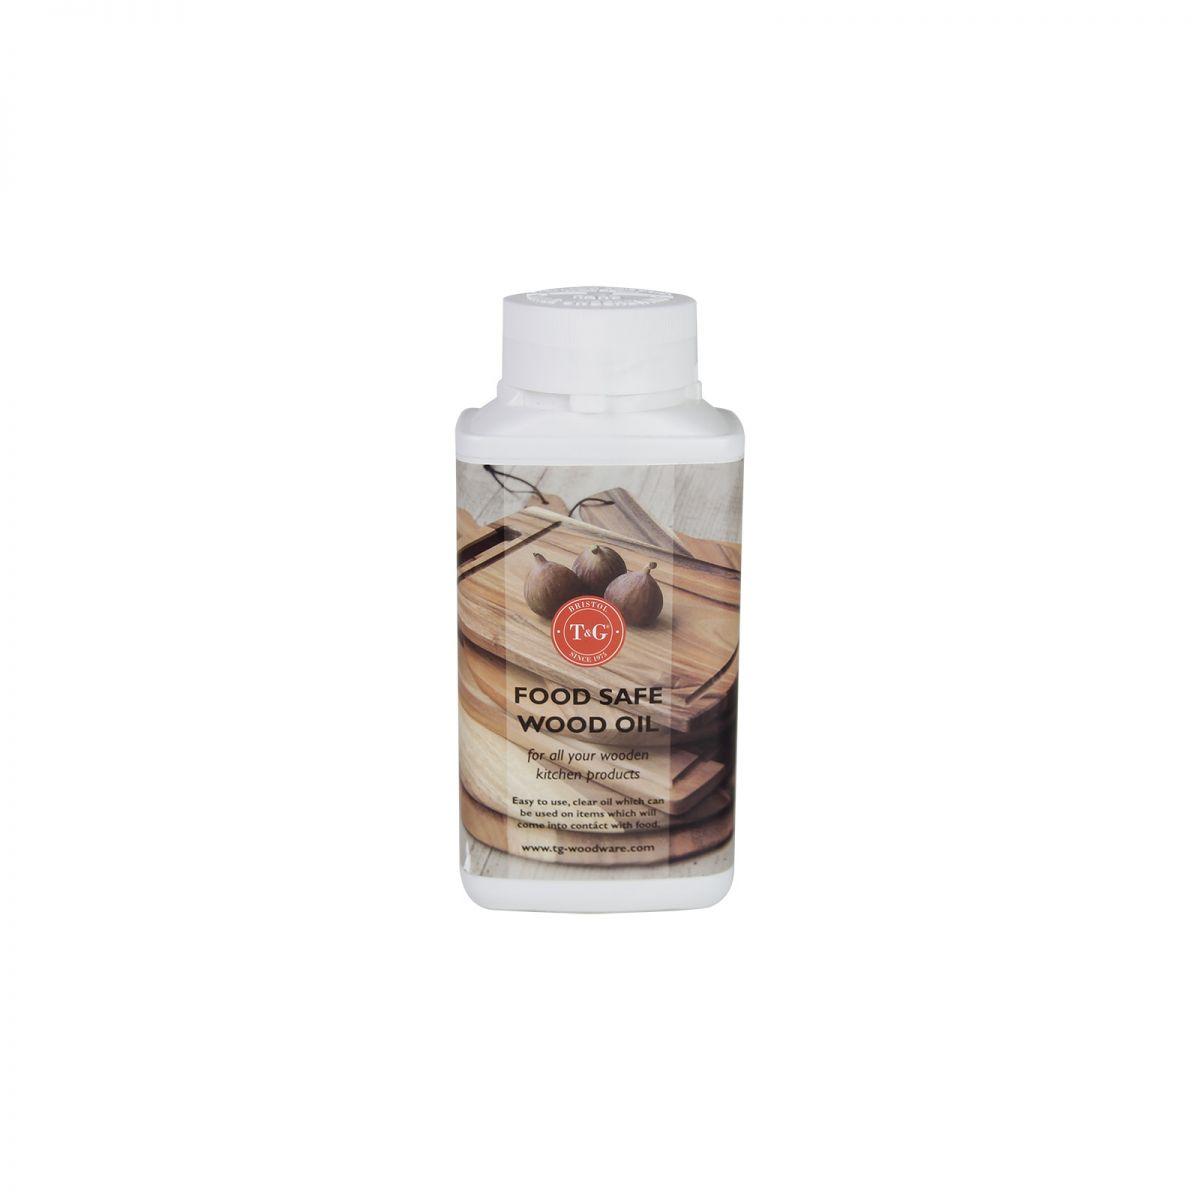 T&G Food Safe Wood Oil